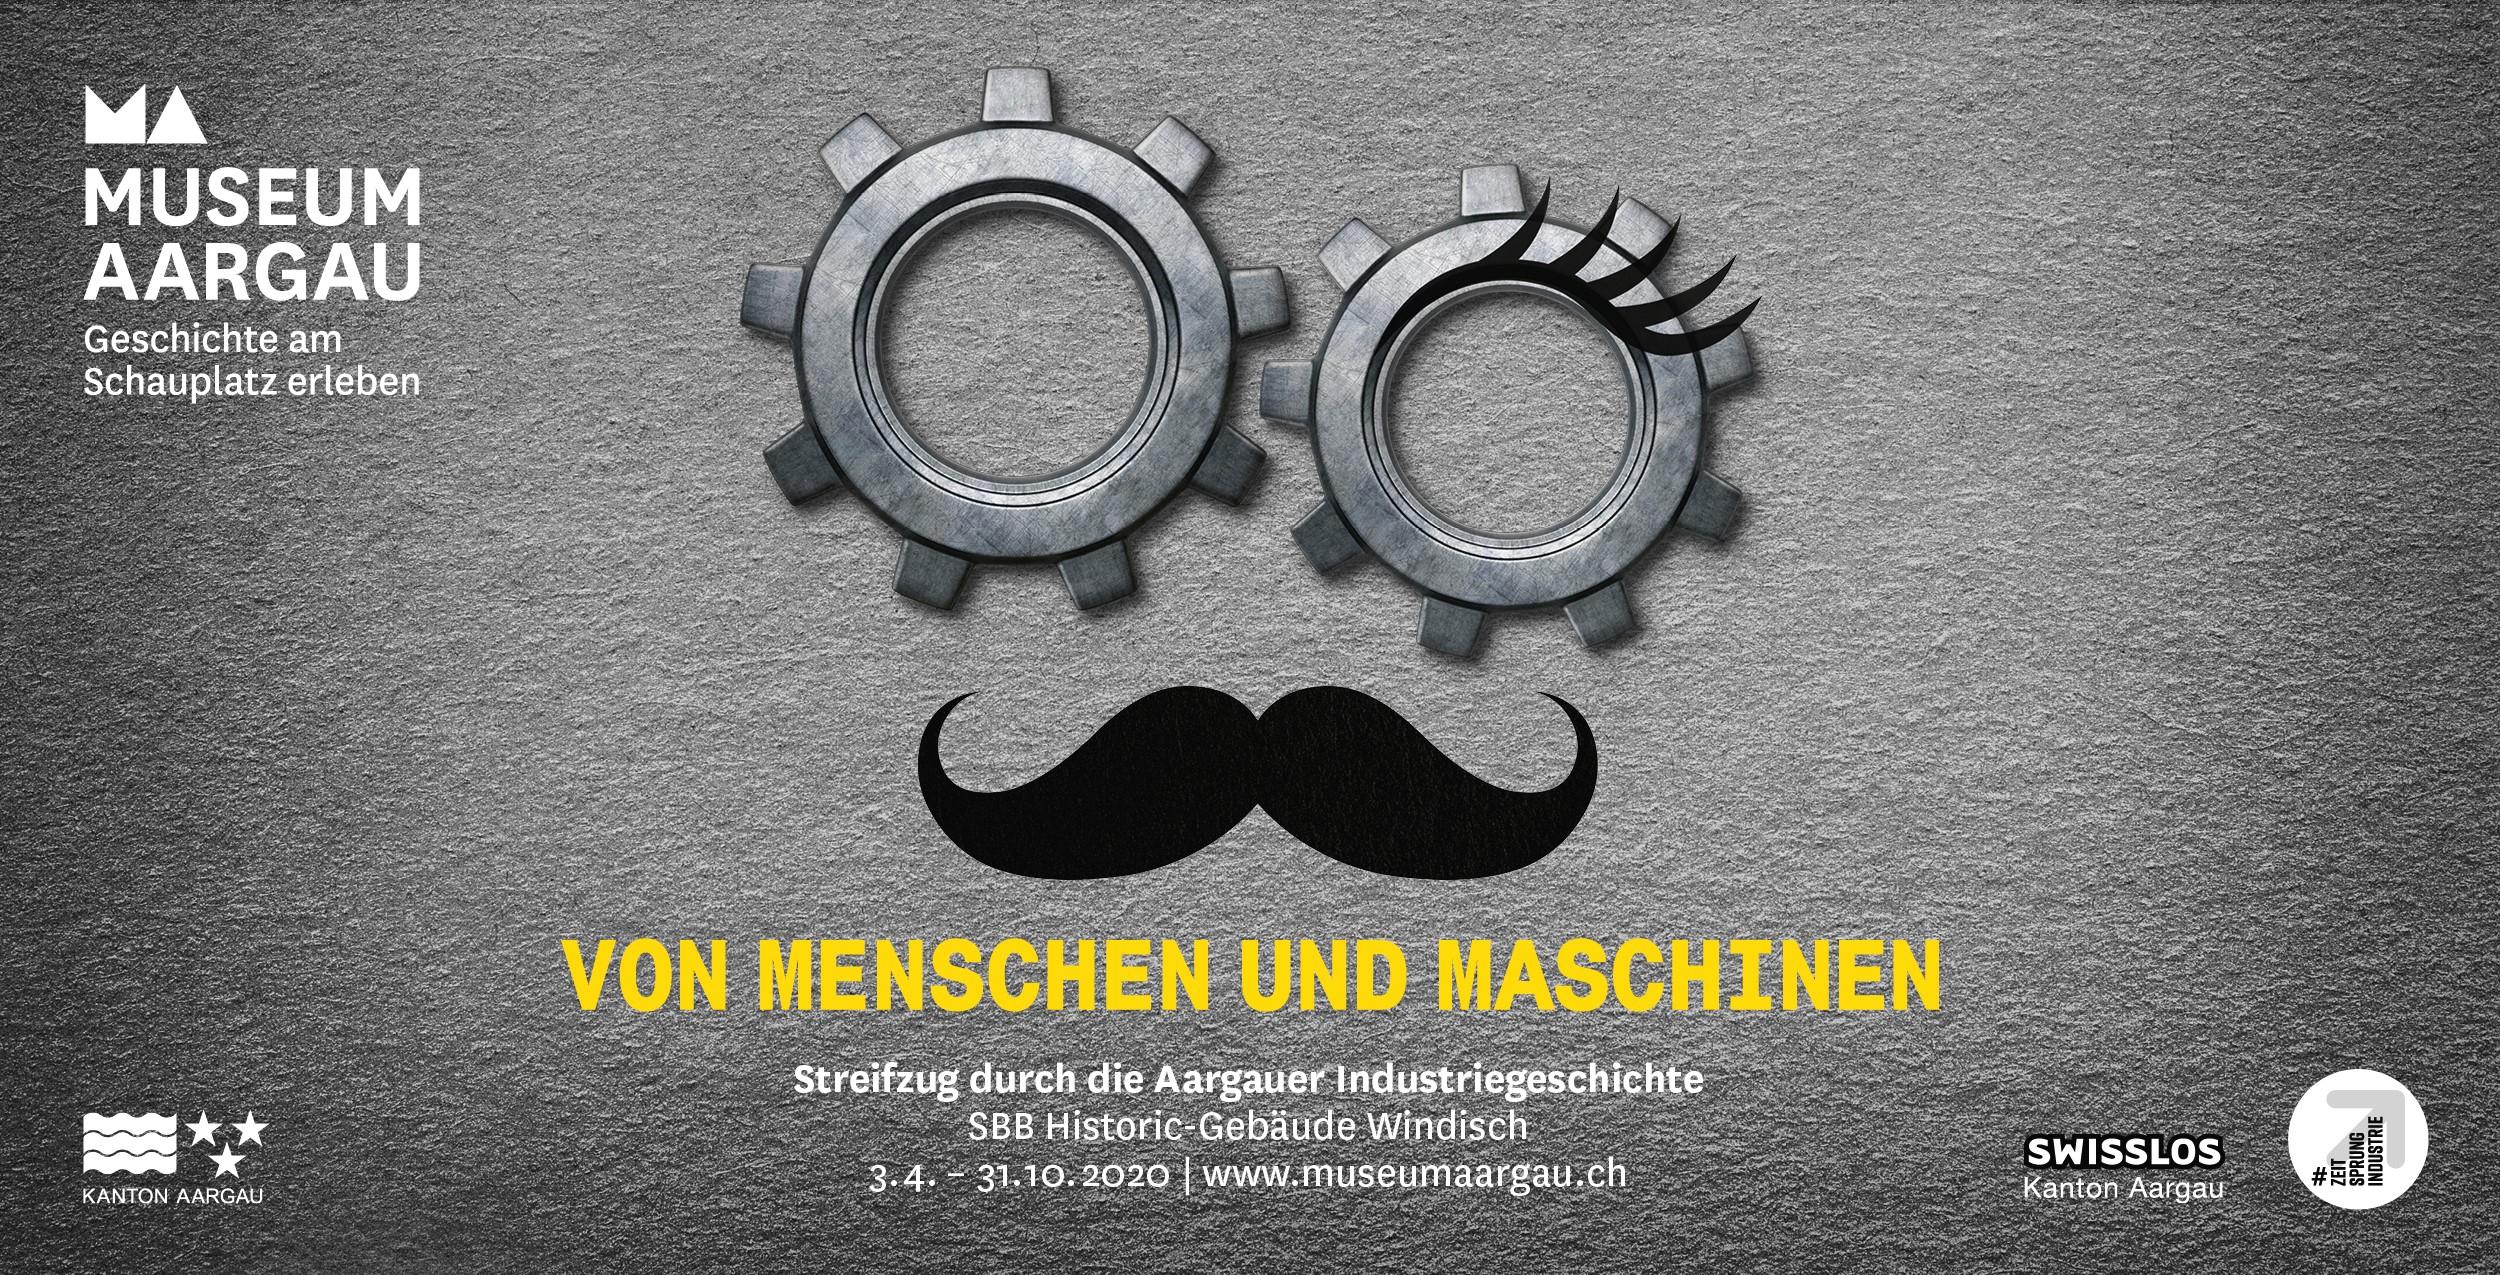 Von Menschen und Maschinen